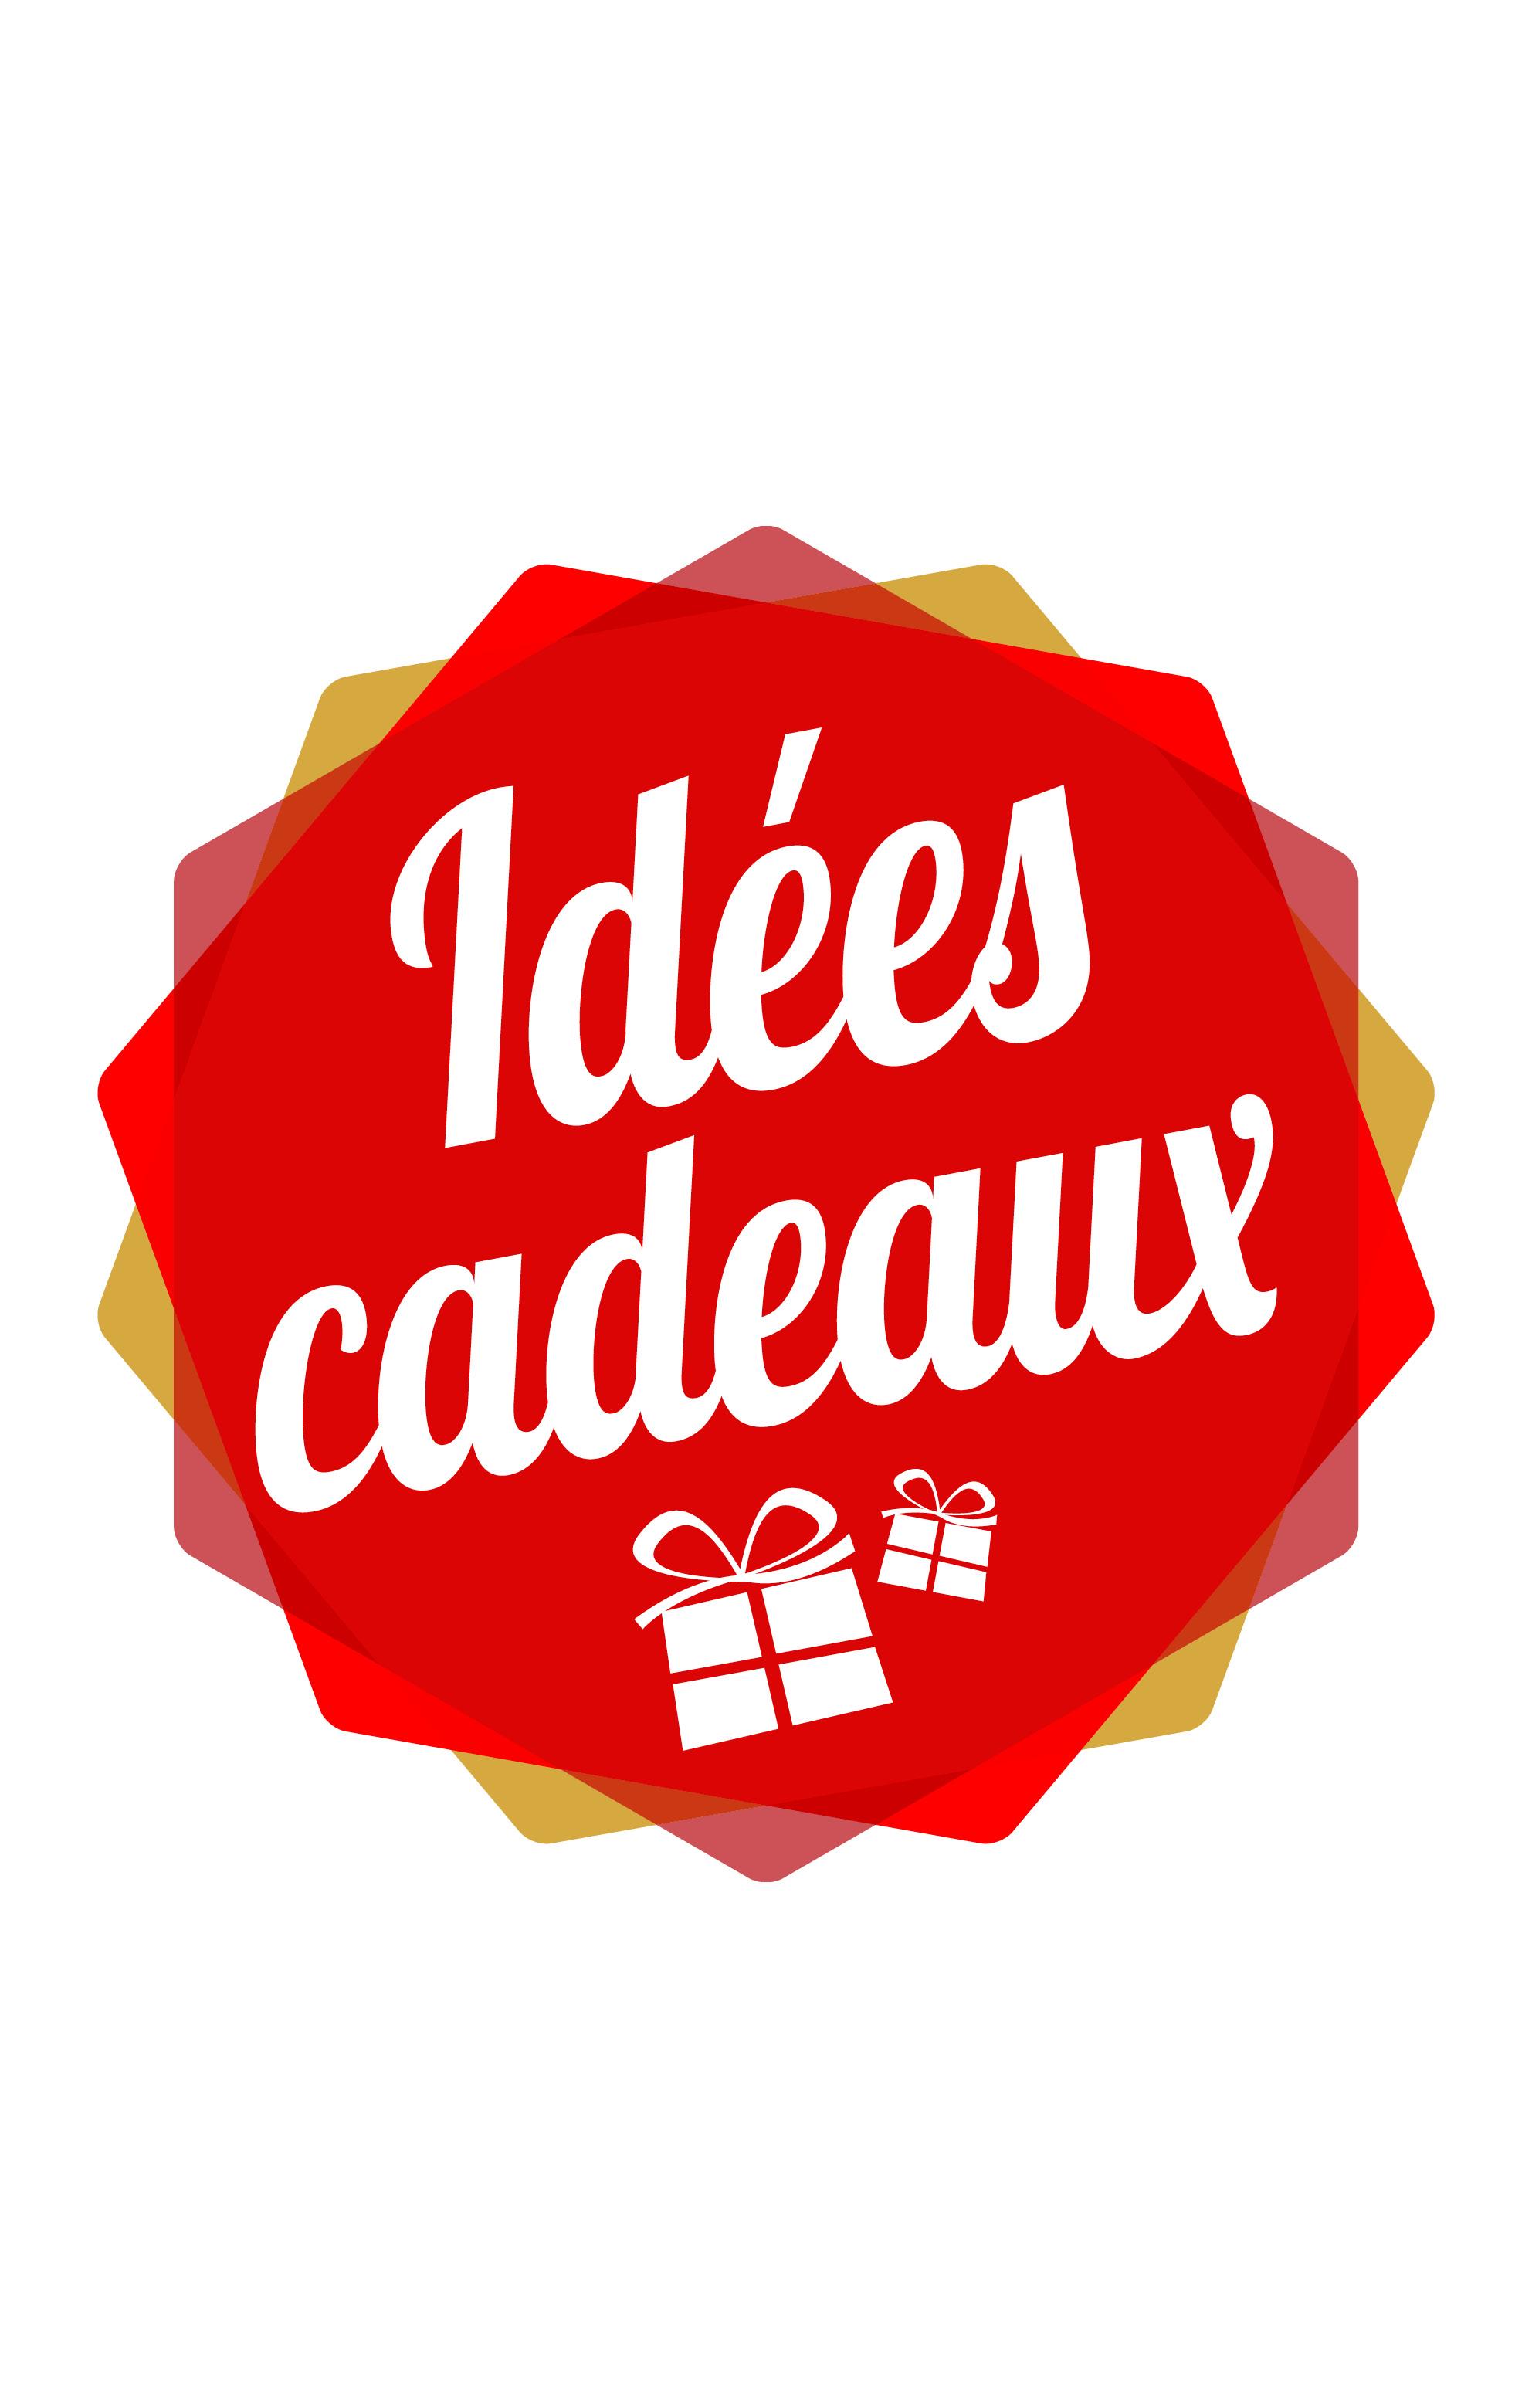 Idees cadeaux arts et voyages for Cadeau pour pendaison de cremaillere